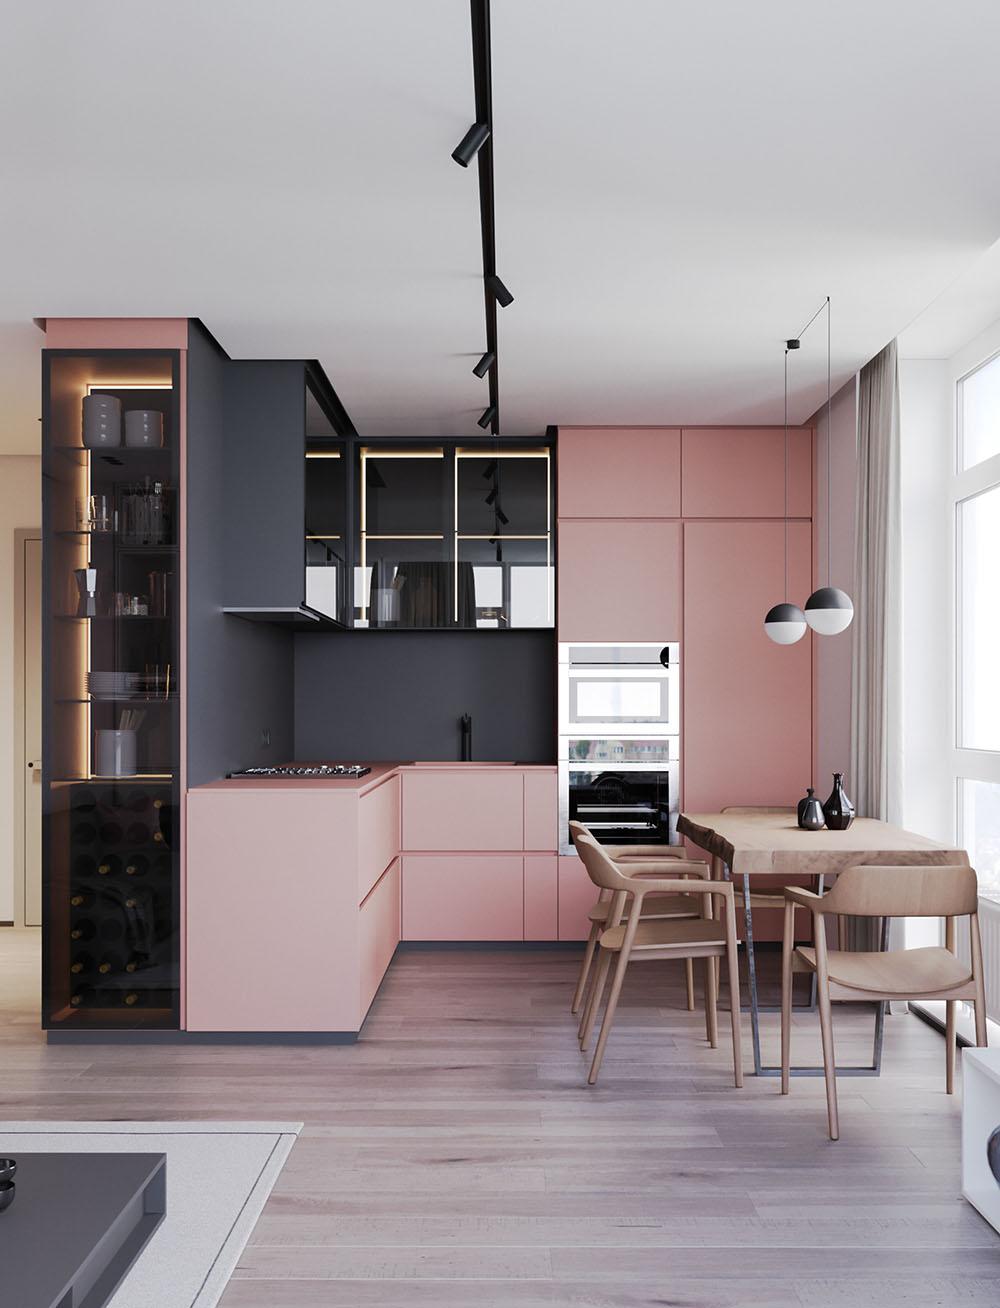 Модная двухкомнатная квартира-студия в розовом цвете